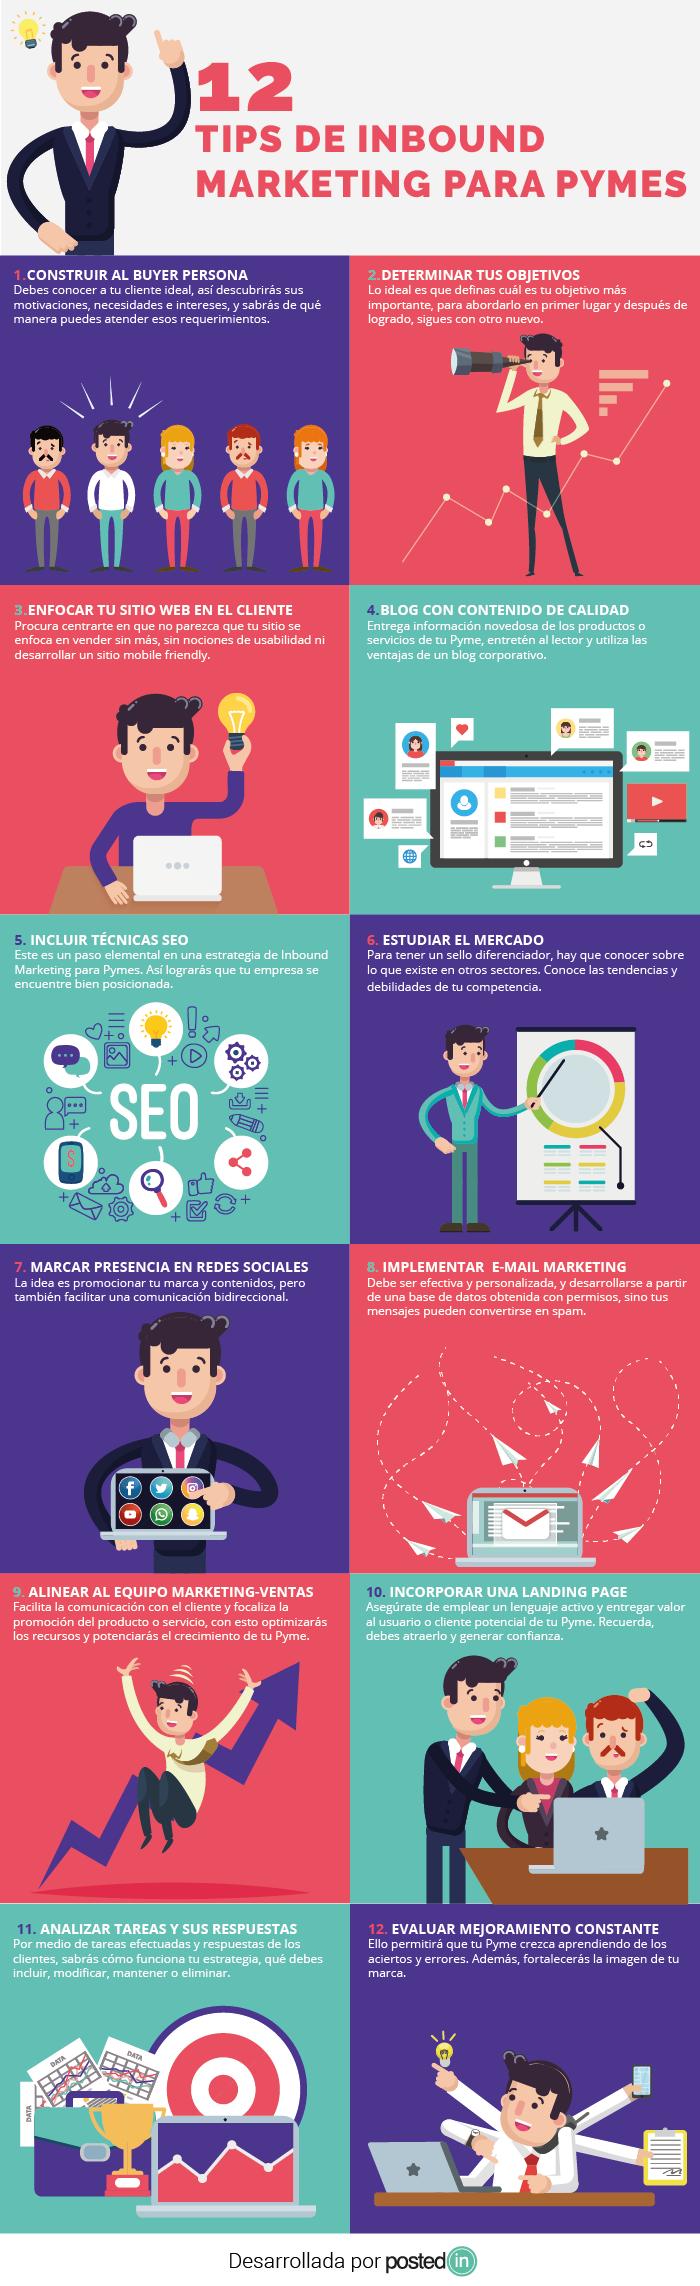 Hola: Una infografía con 12 consejos de Inbound Marketing para pymes. Vía Un saludo